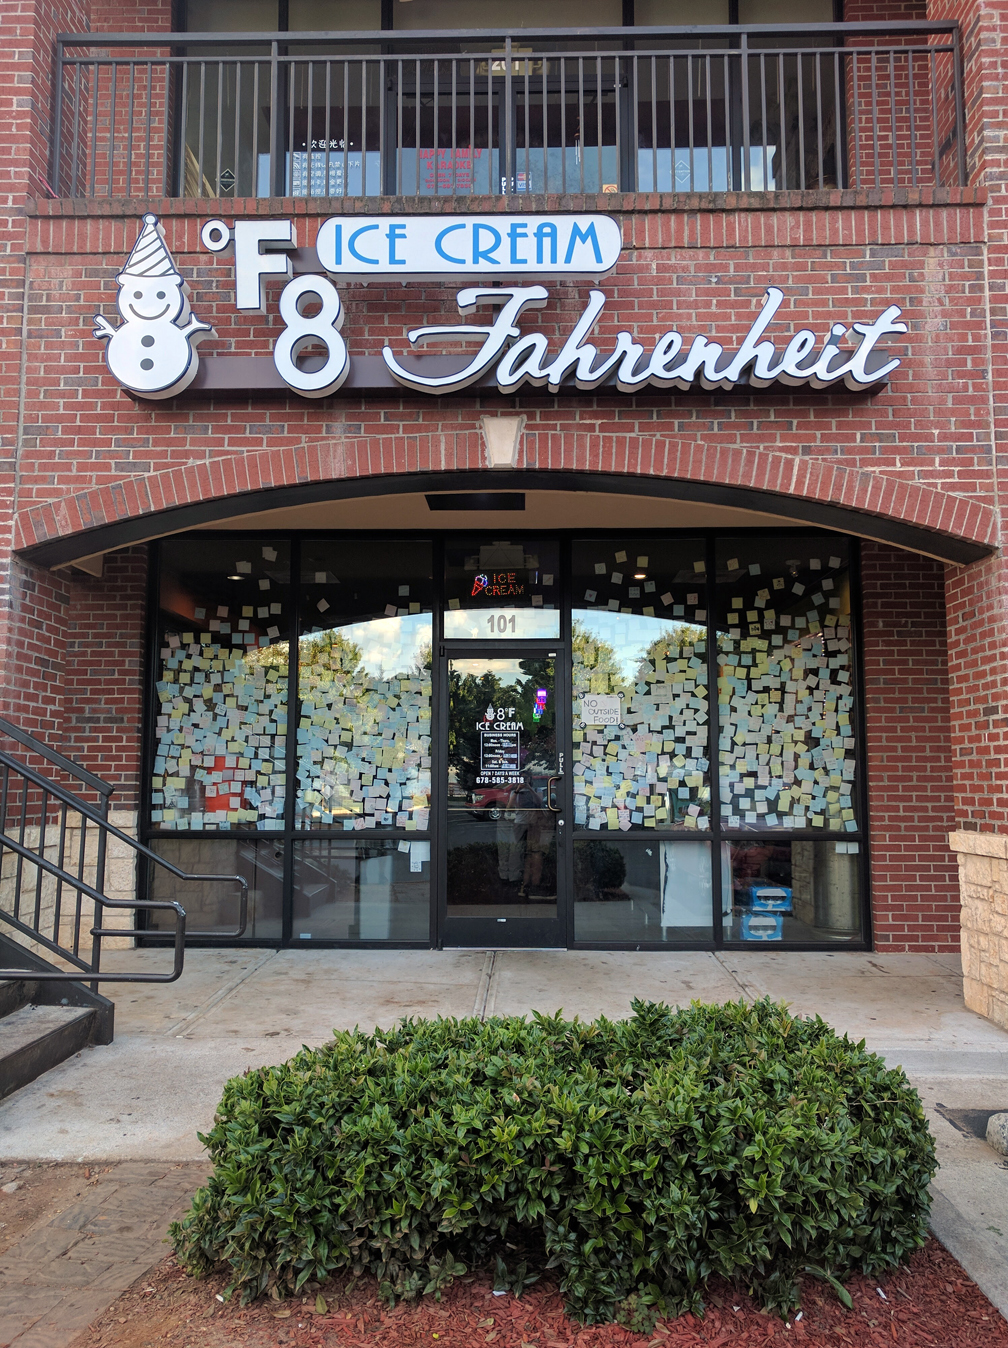 8° Fahrenheit Ice Cream exterior